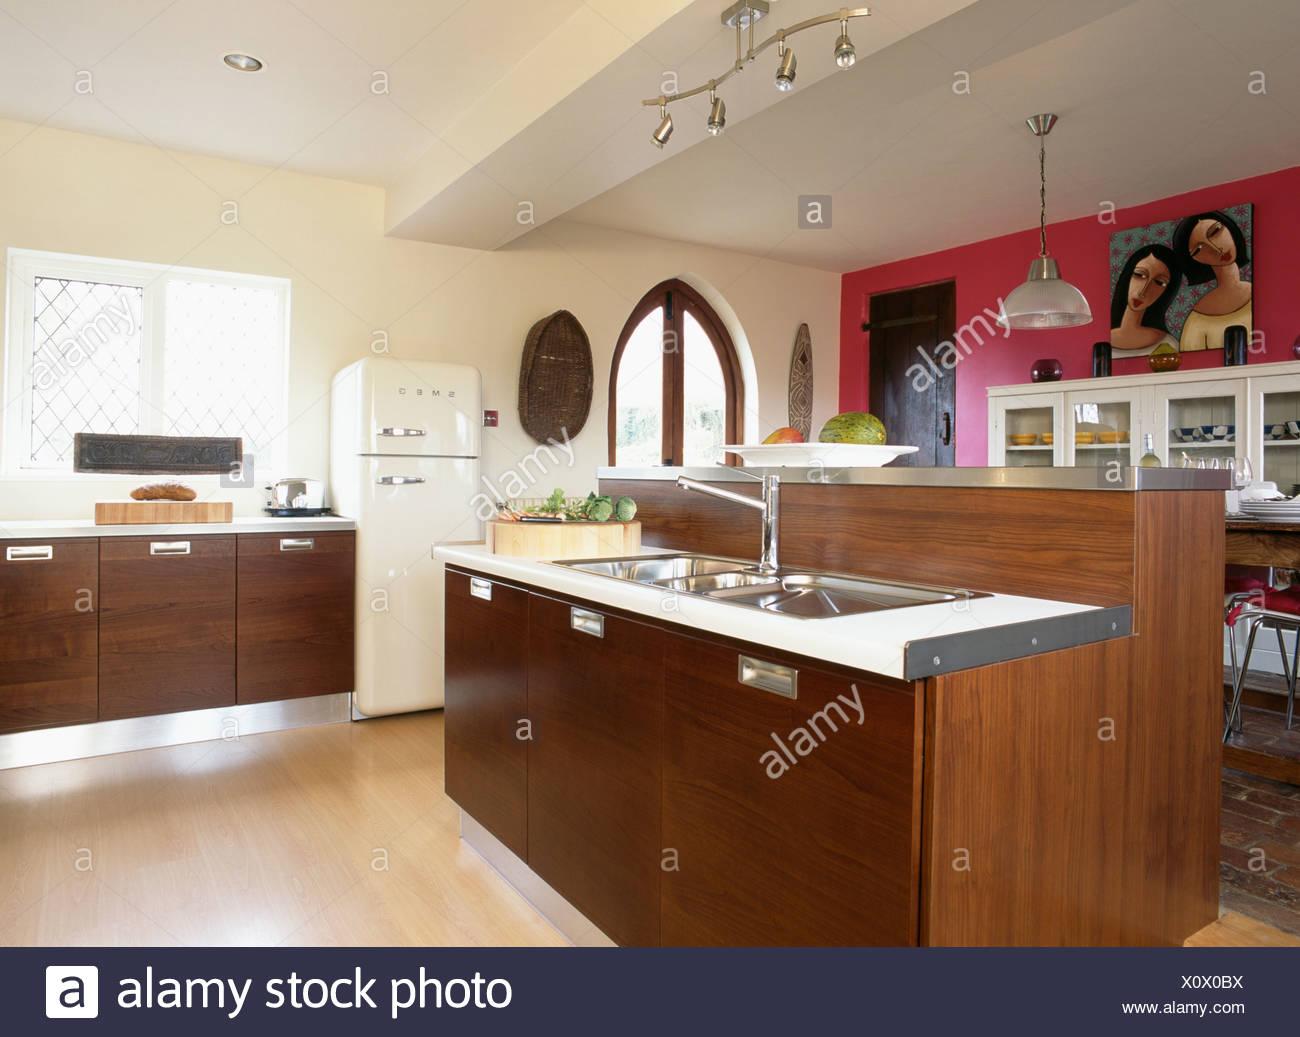 Pareti Rosa Camera Da Letto : Cucina pareti rosa cucina rosa scuro